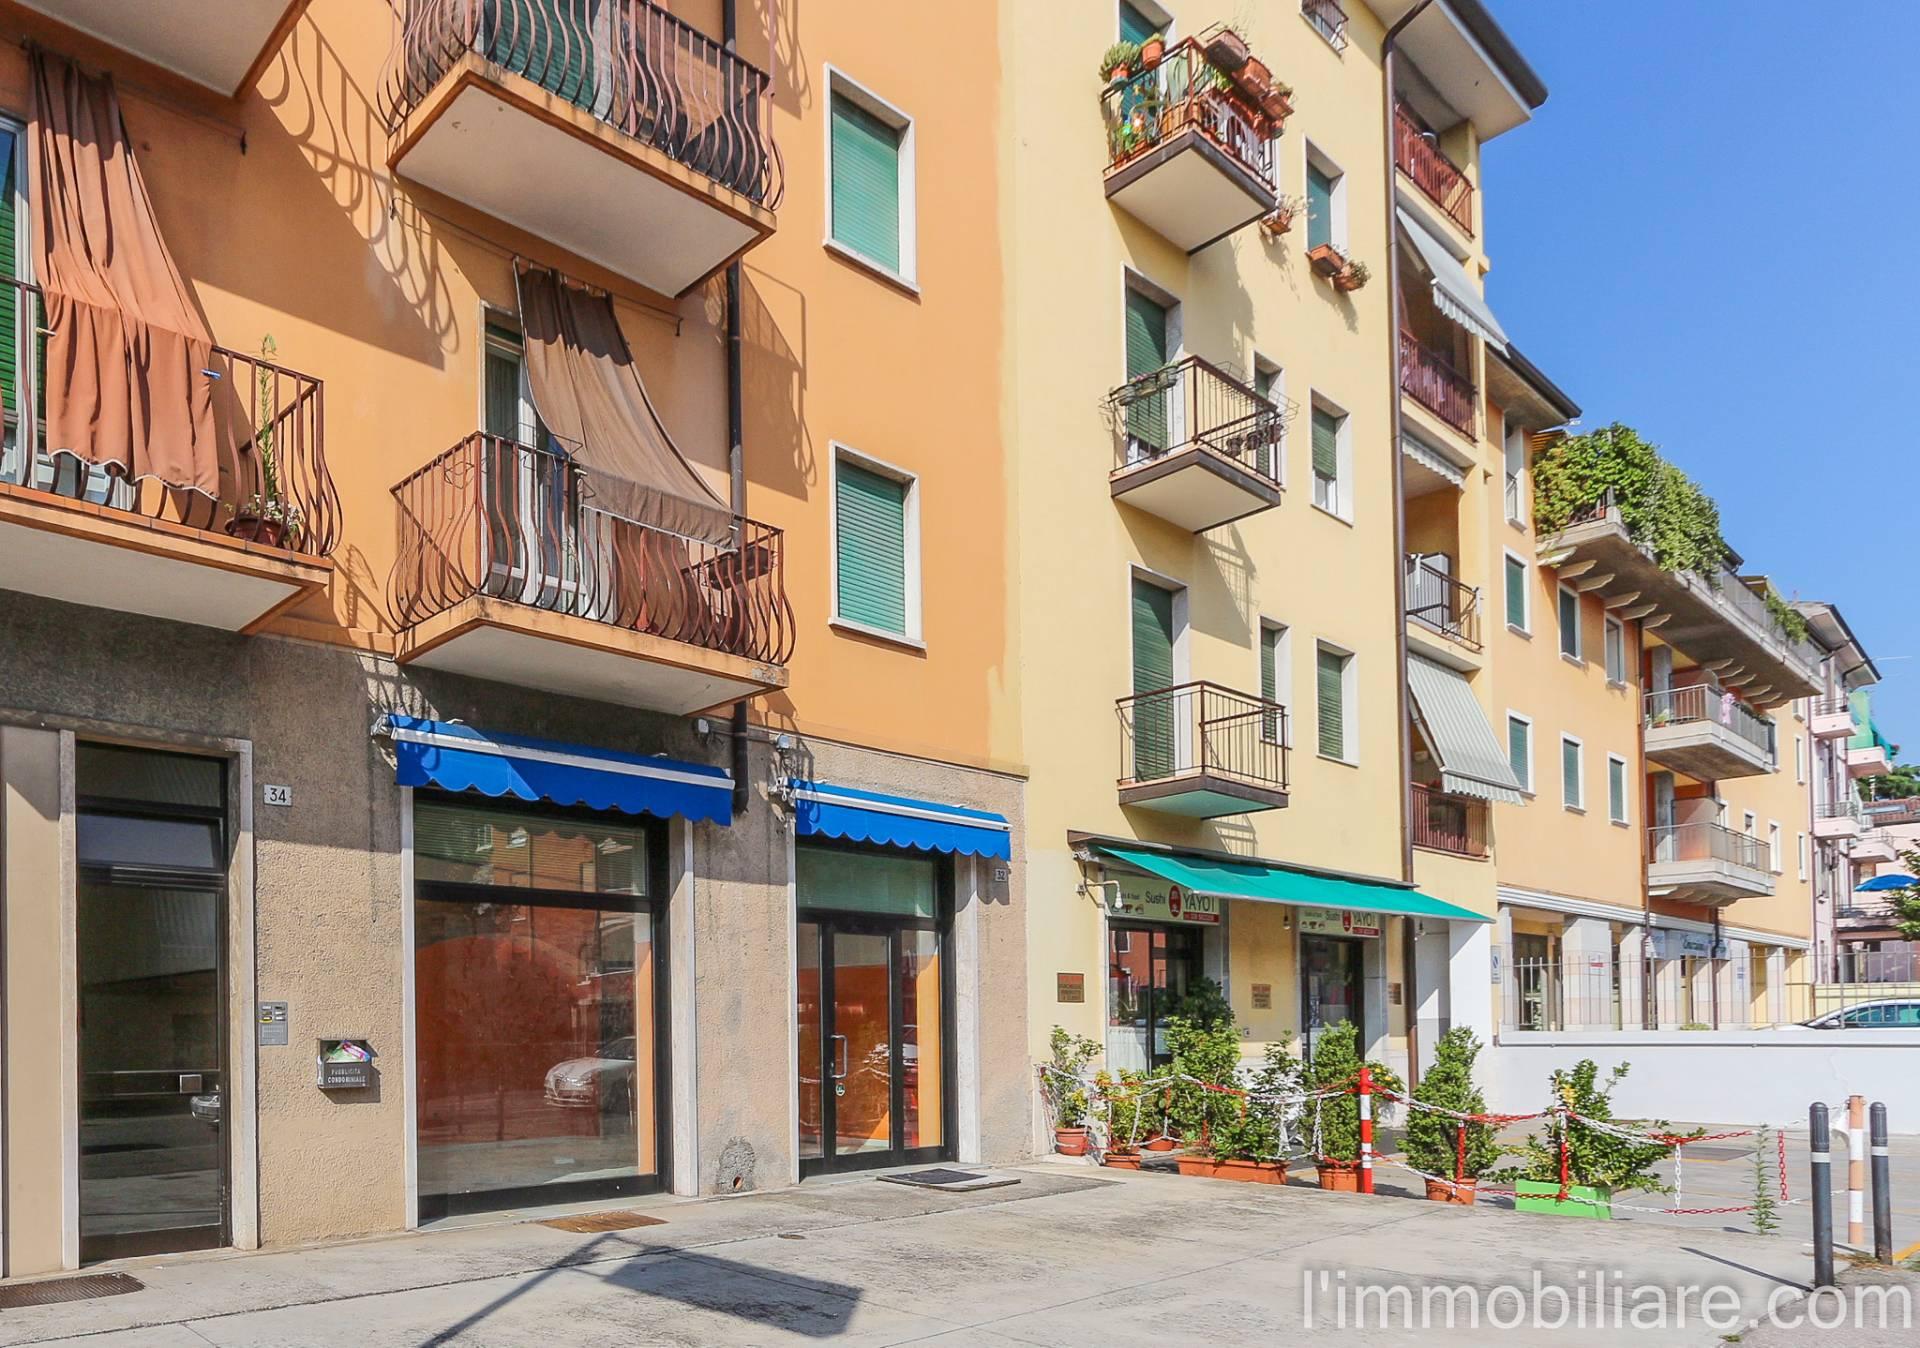 Negozio / Locale in vendita a Verona, 9999 locali, zona Località: PonteCrencano, prezzo € 98.000 | Cambio Casa.it